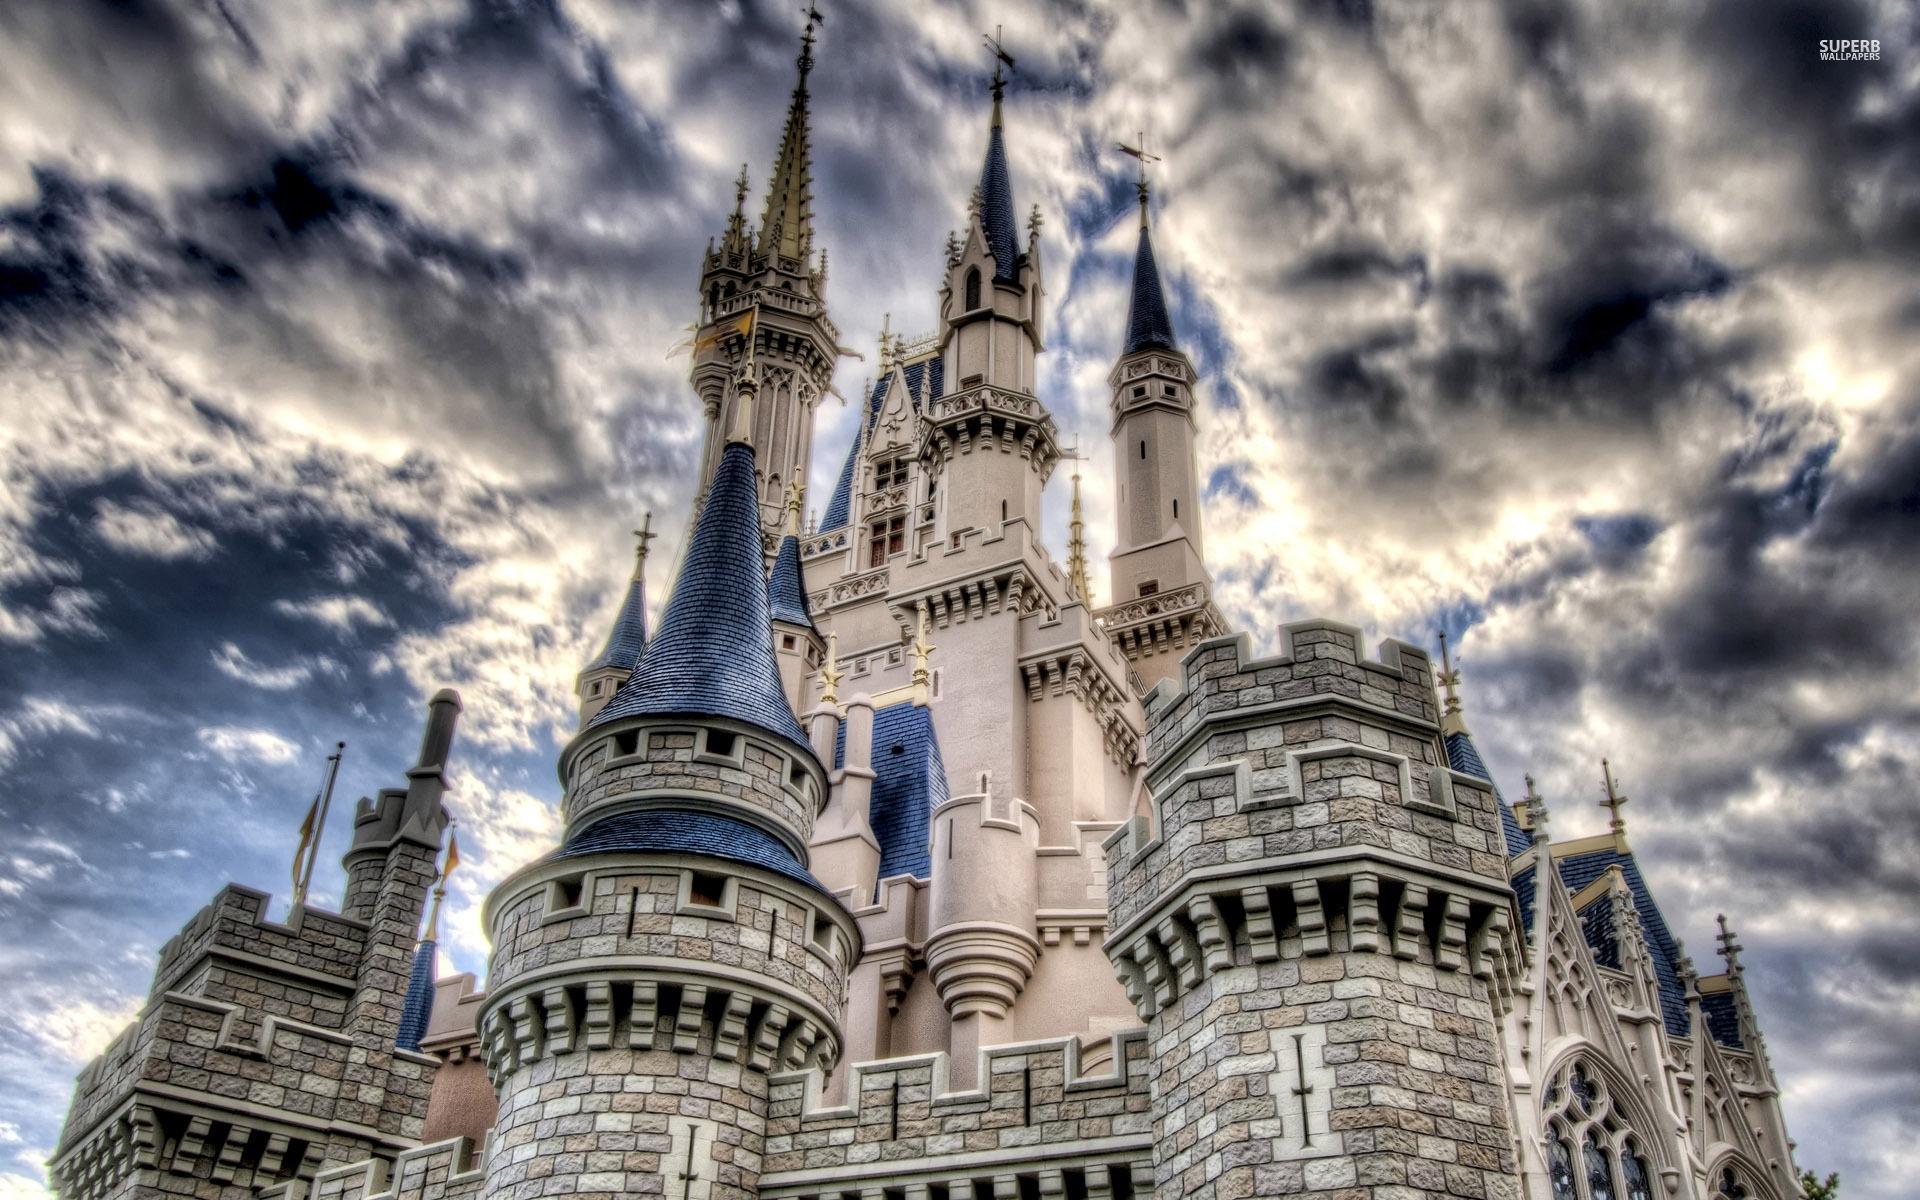 10 Latest Disney Castle Desktop Wallpaper FULL HD 1920 ...